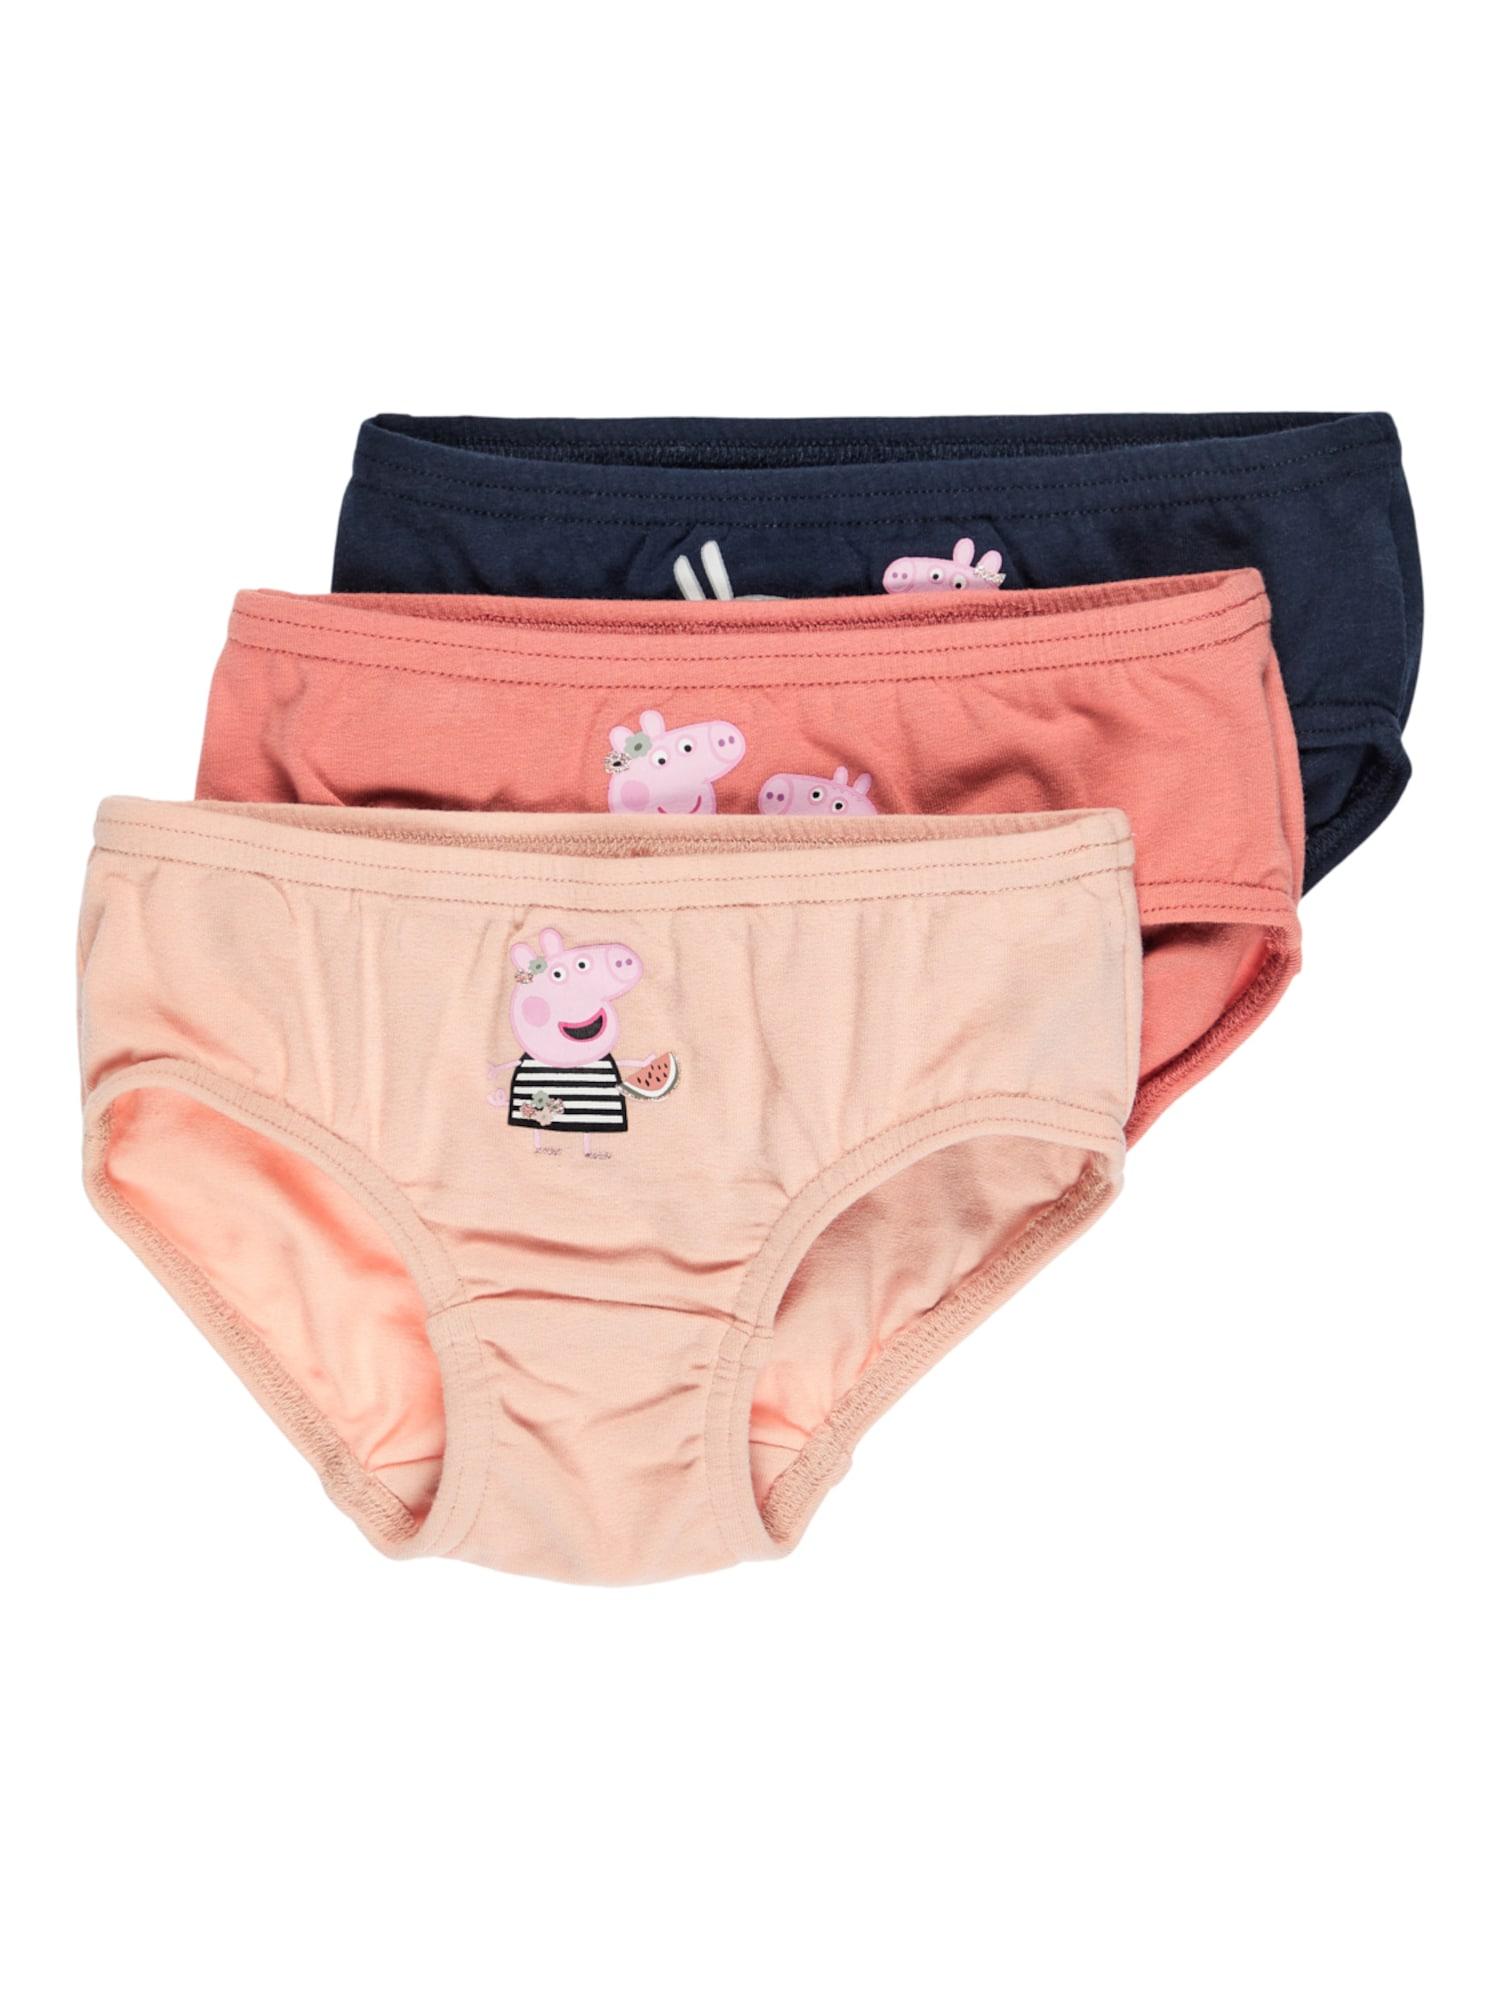 NAME IT Spodní prádlo 'Peppa Pig Andrea'  pastelově oranžová / lososová / noční modrá / světle růžová / černá